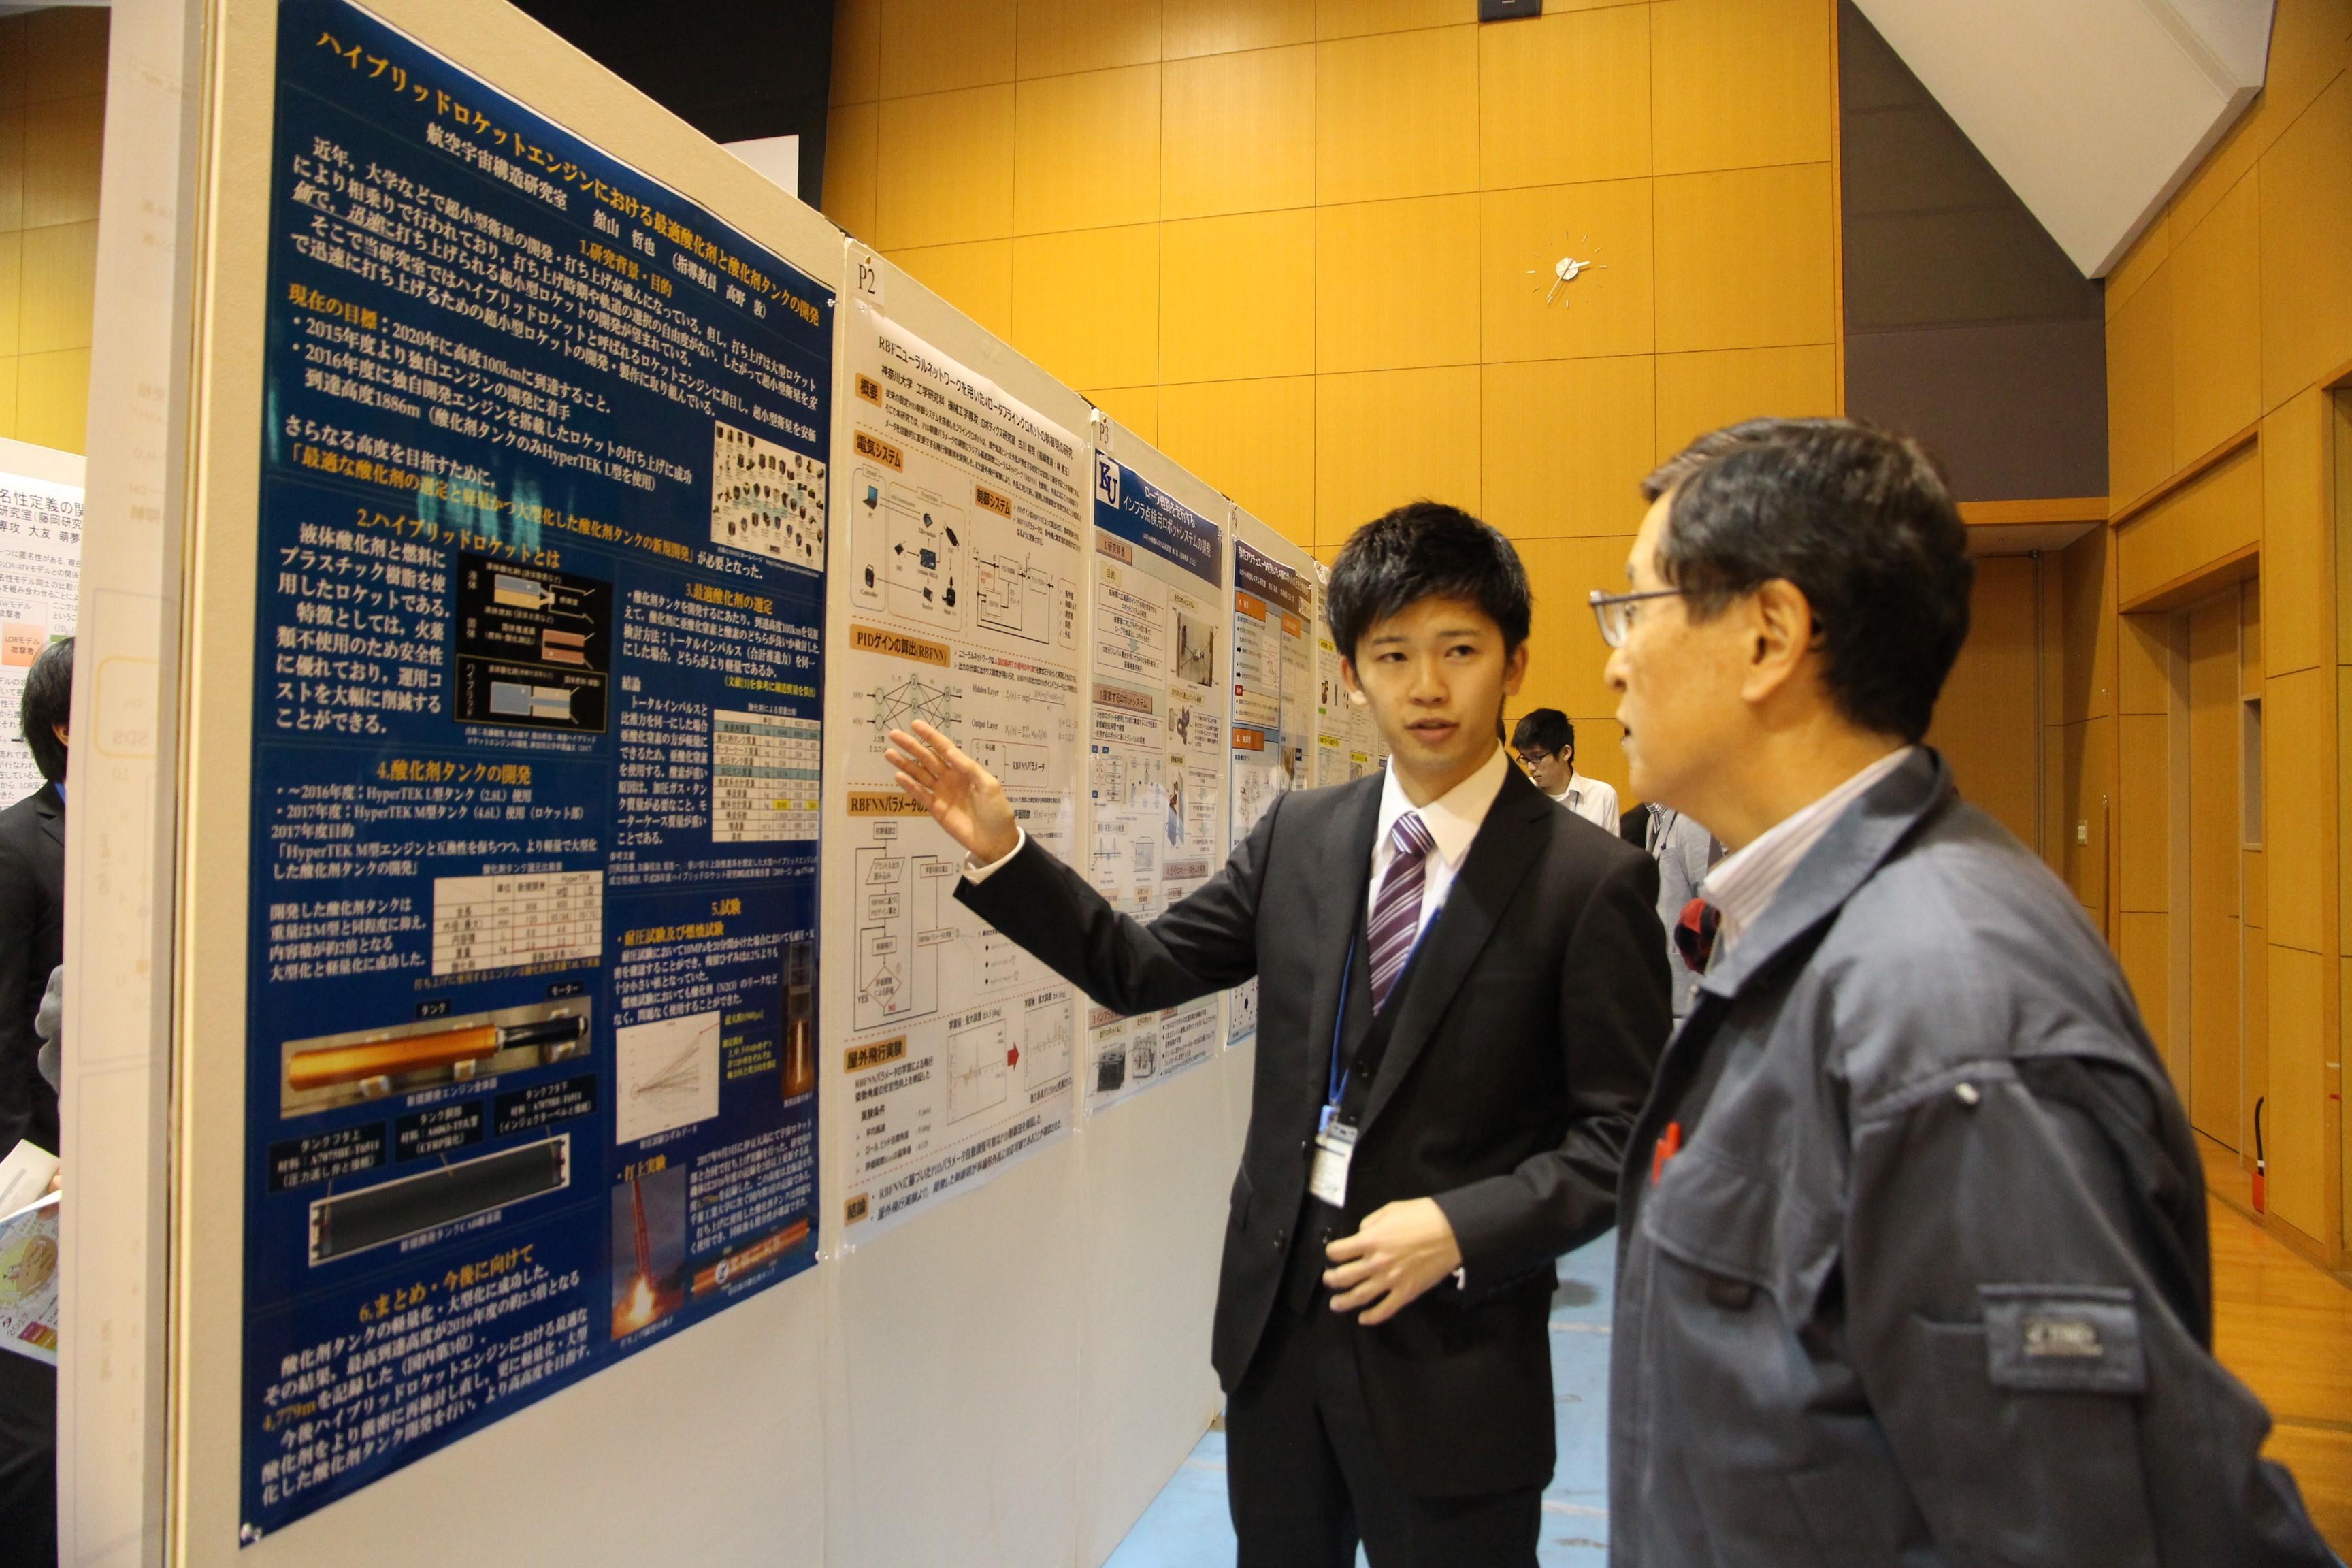 【神奈川大学】本学の工学系の研究実績を発表! 「神大テクノフェスタ2018 -- 暮らしと環境の未来 -- 」開催